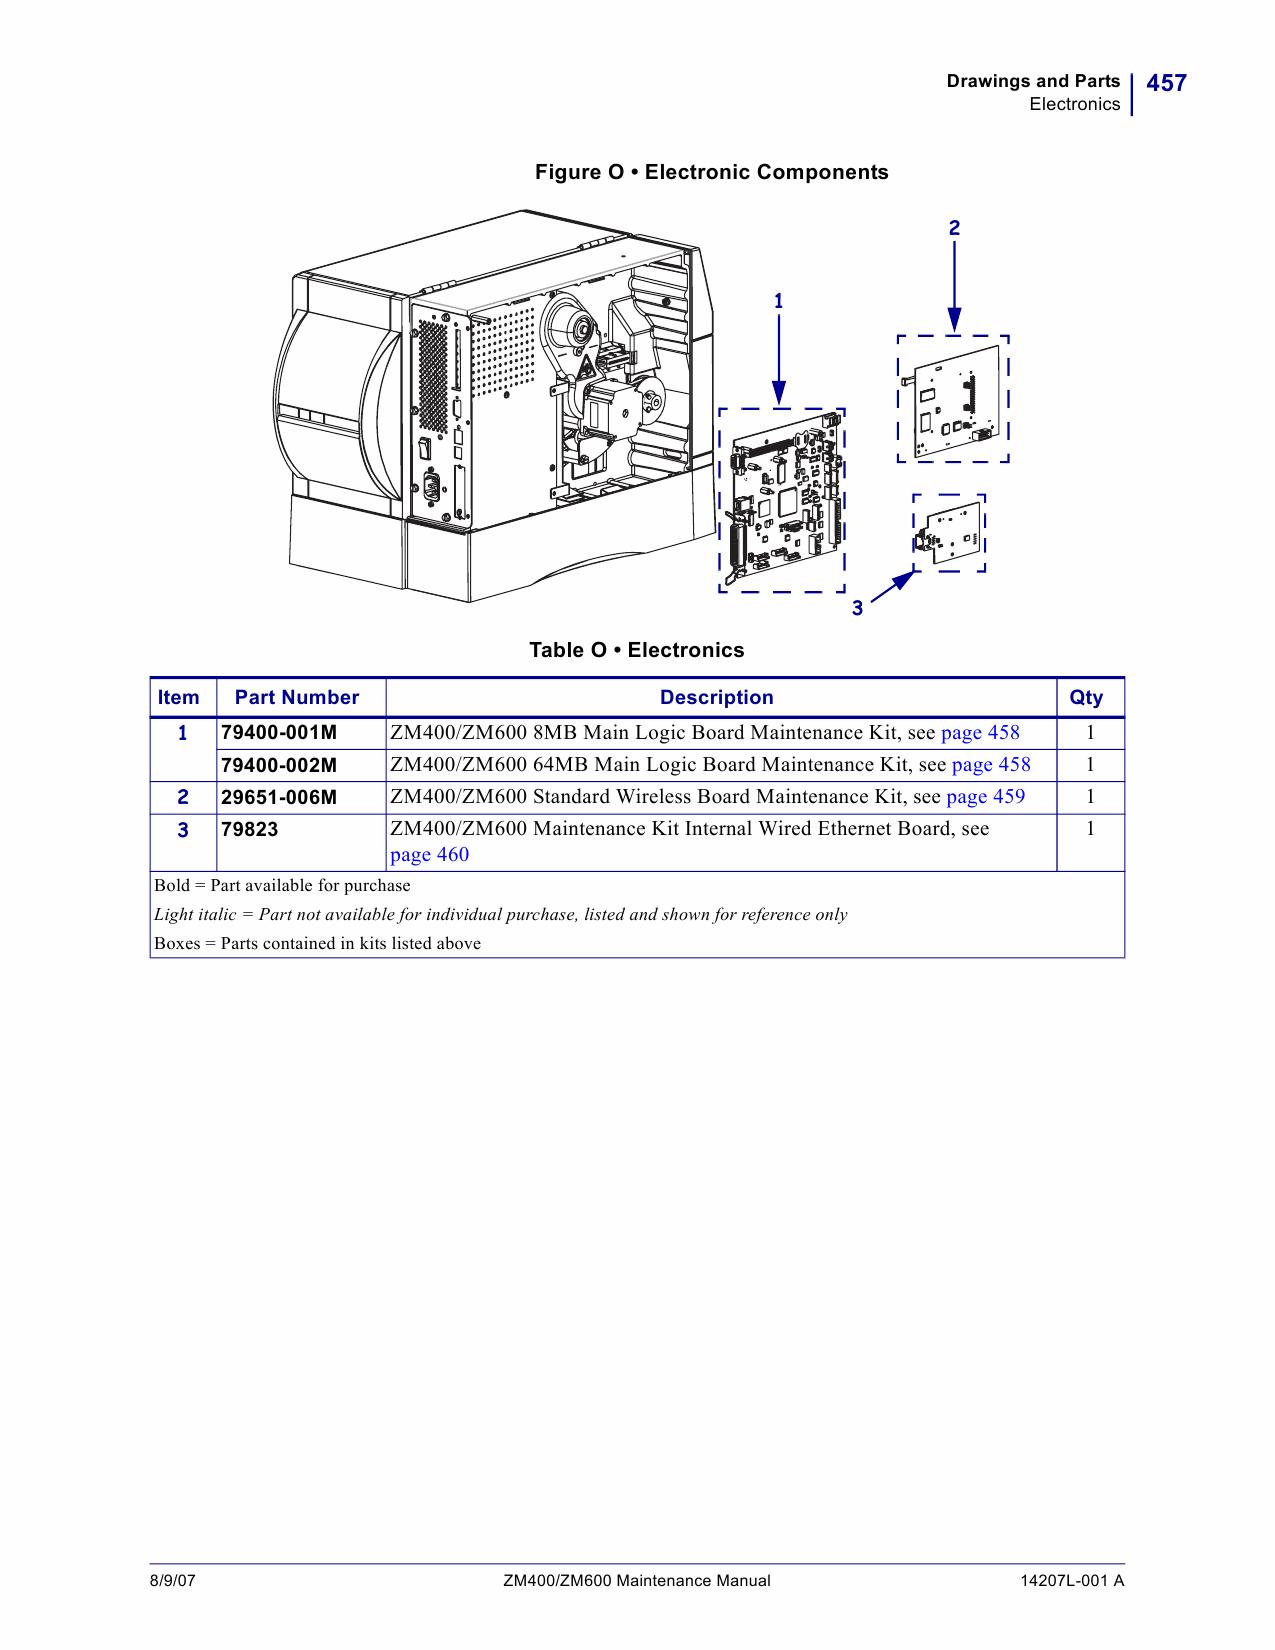 Zebra Label Zm400 Zm600 Maintenance Service Manual